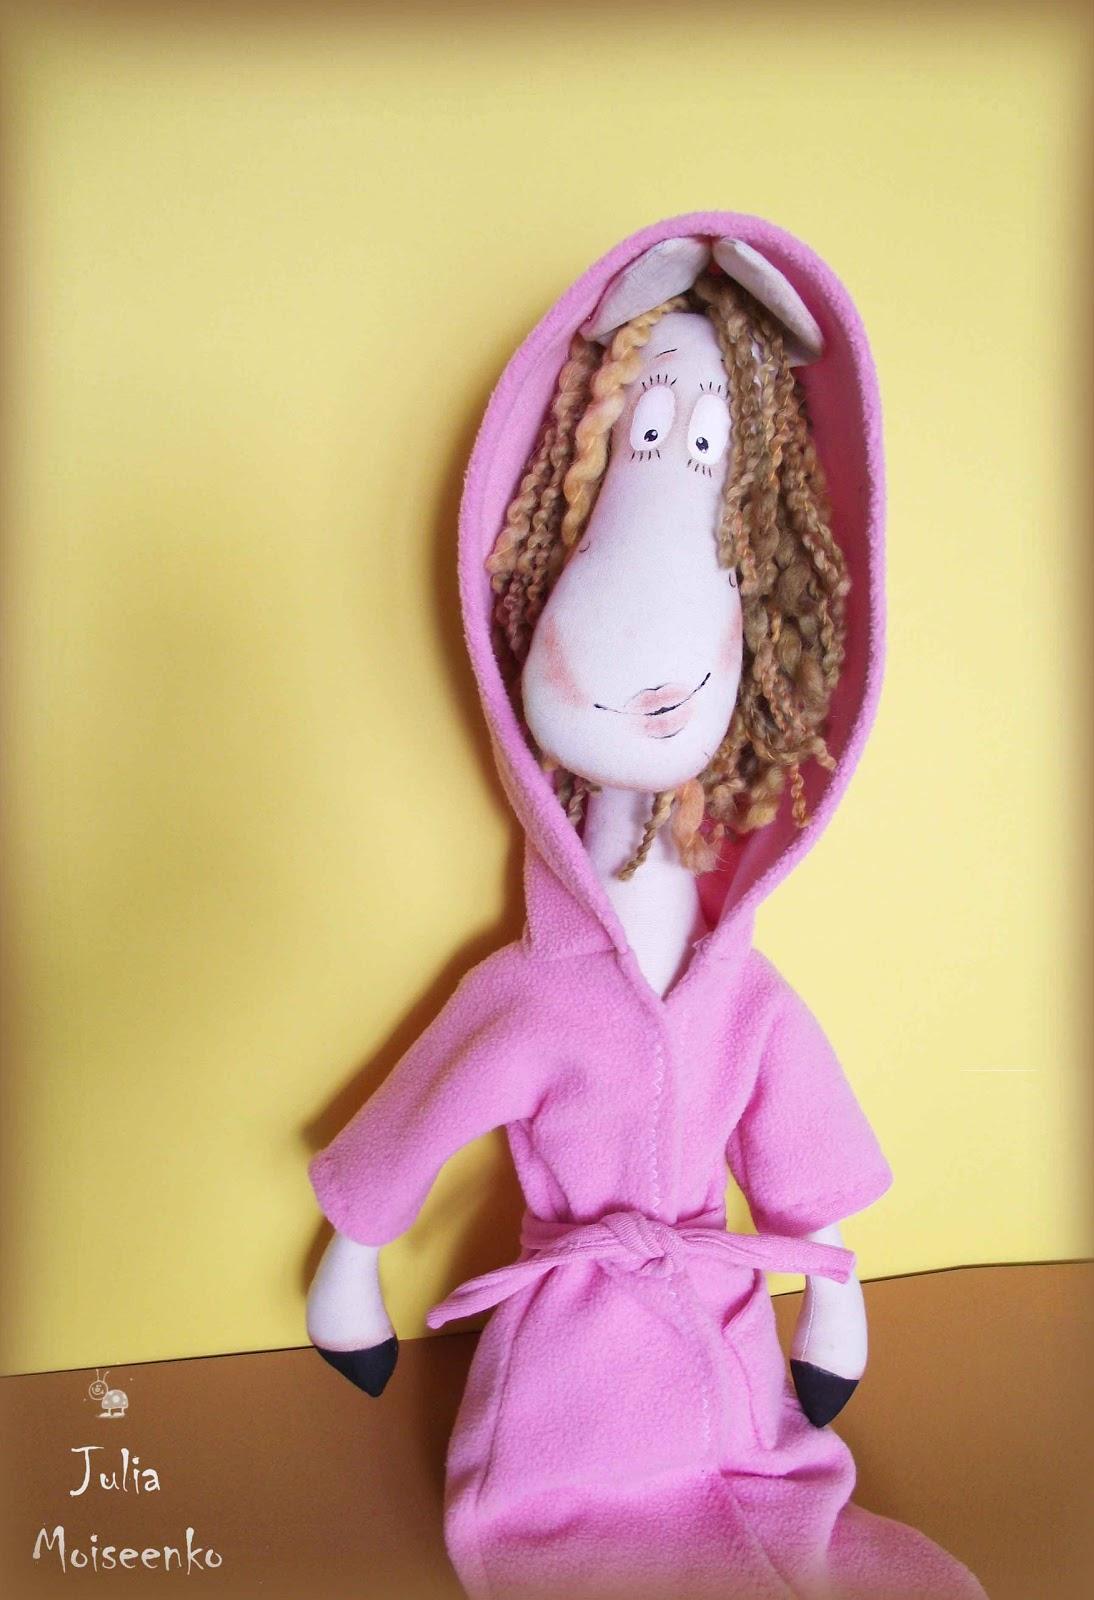 Тётя в одном халате 2 фотография